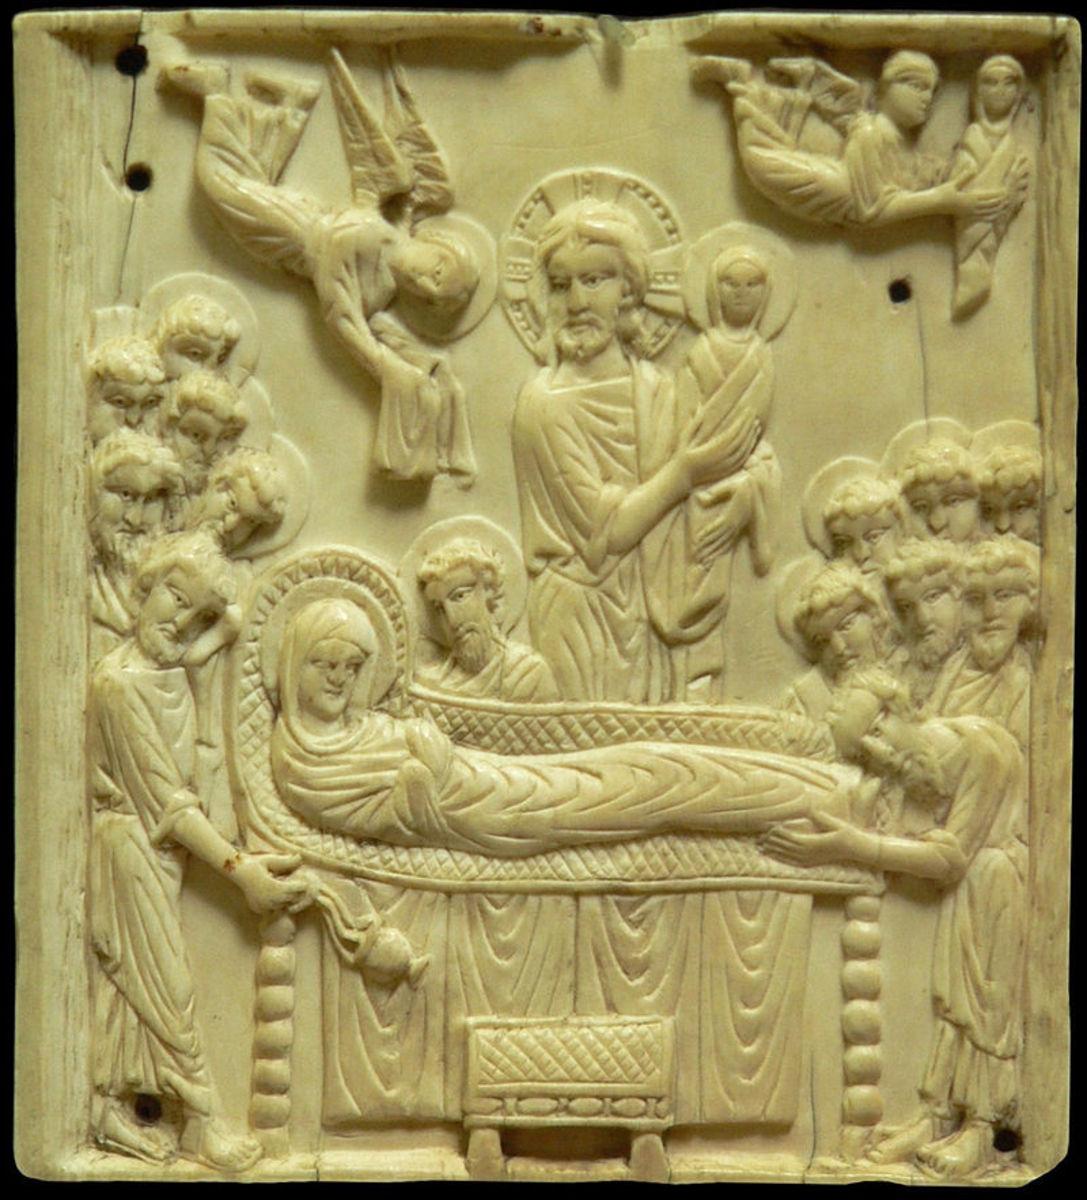 A tenth century dormition plaque